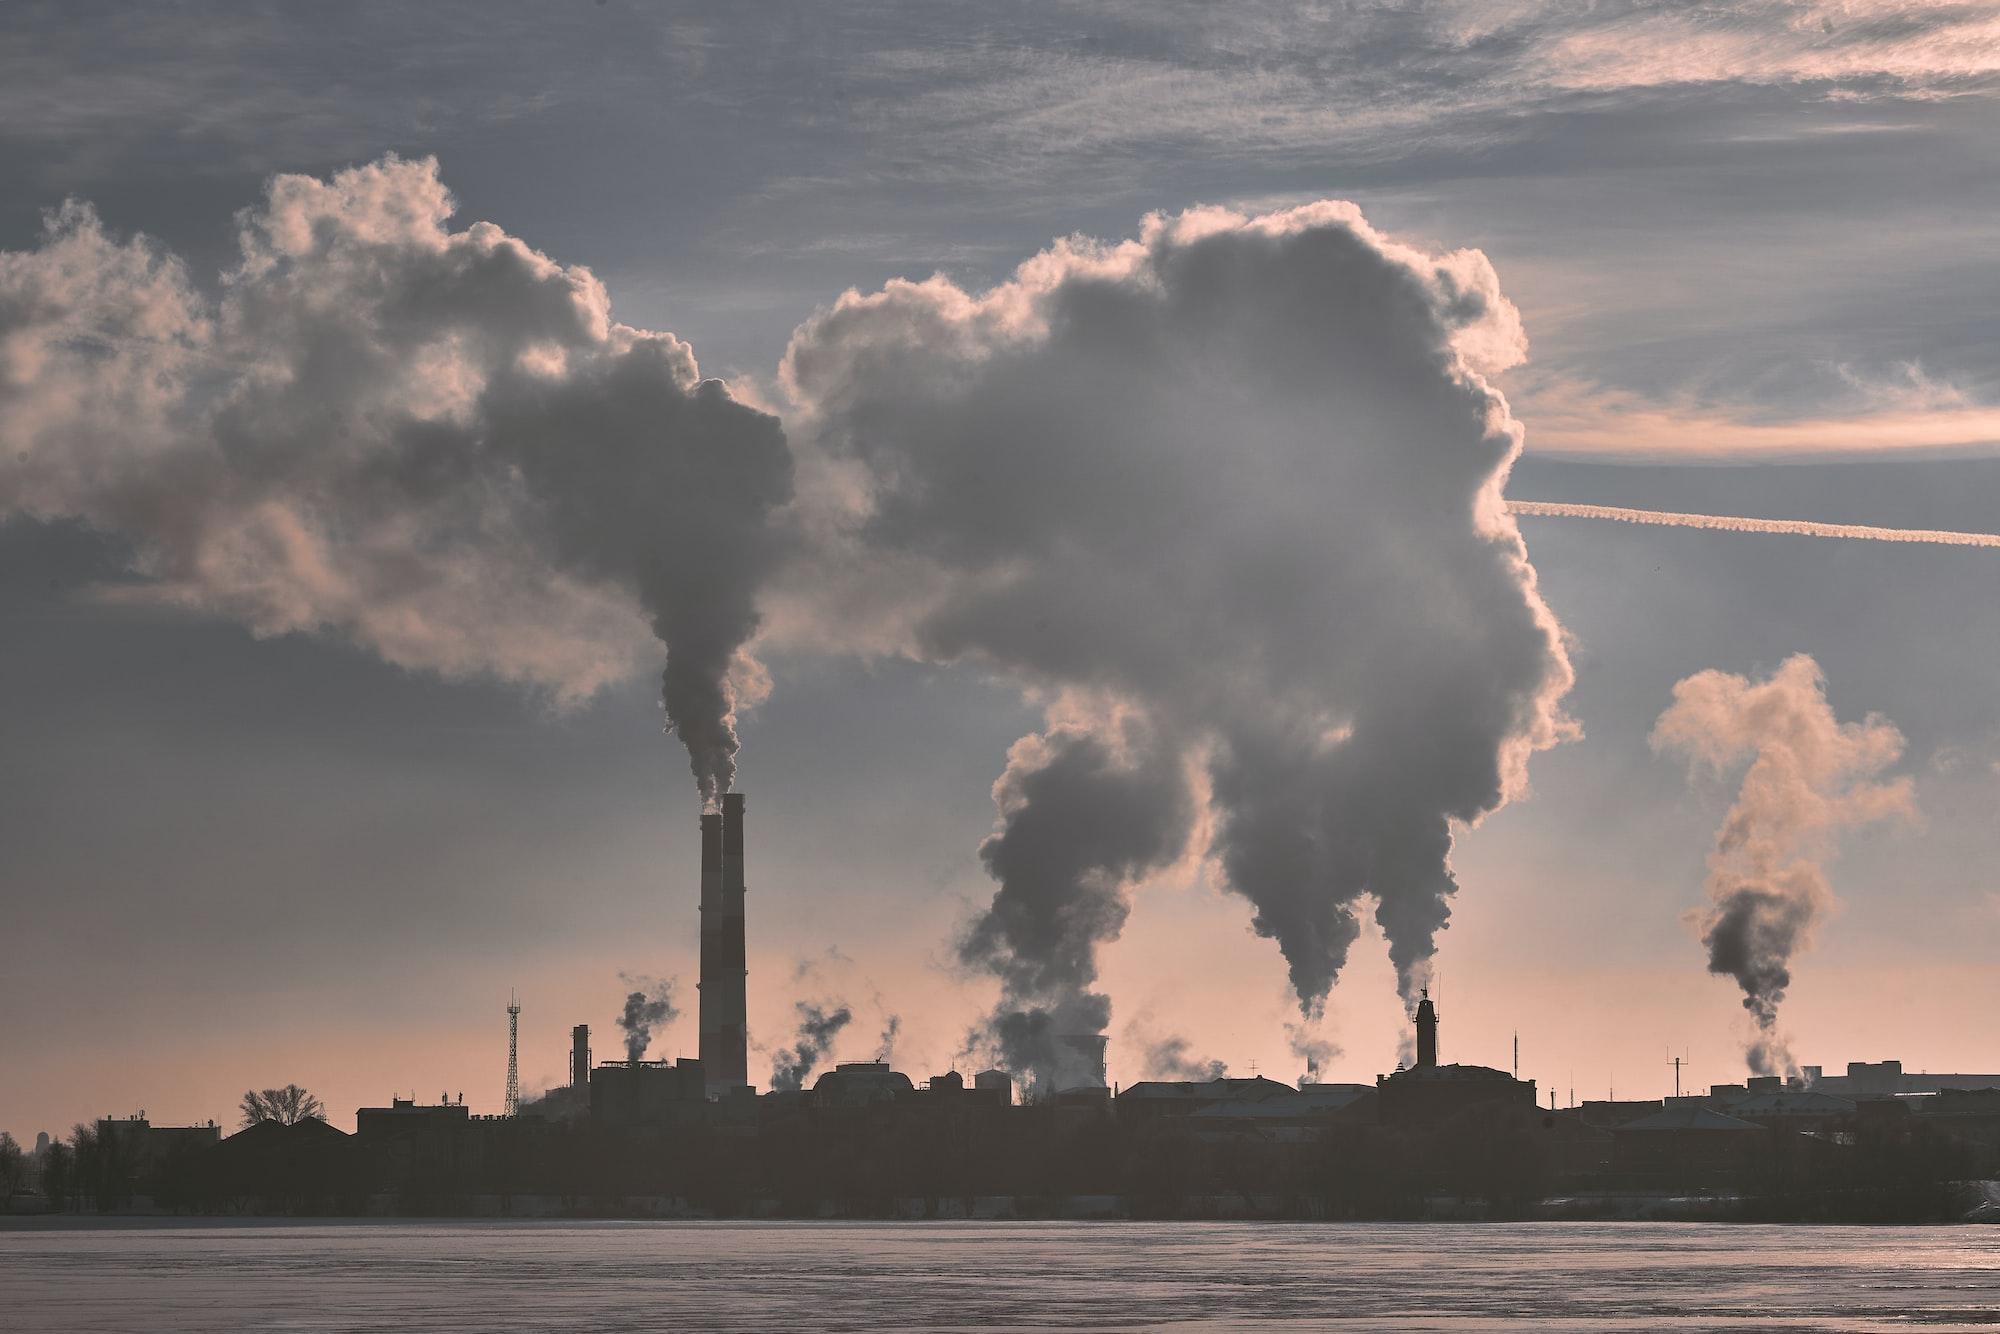 Il faut que l'on parle du réchauffement climatique et de l'environnement